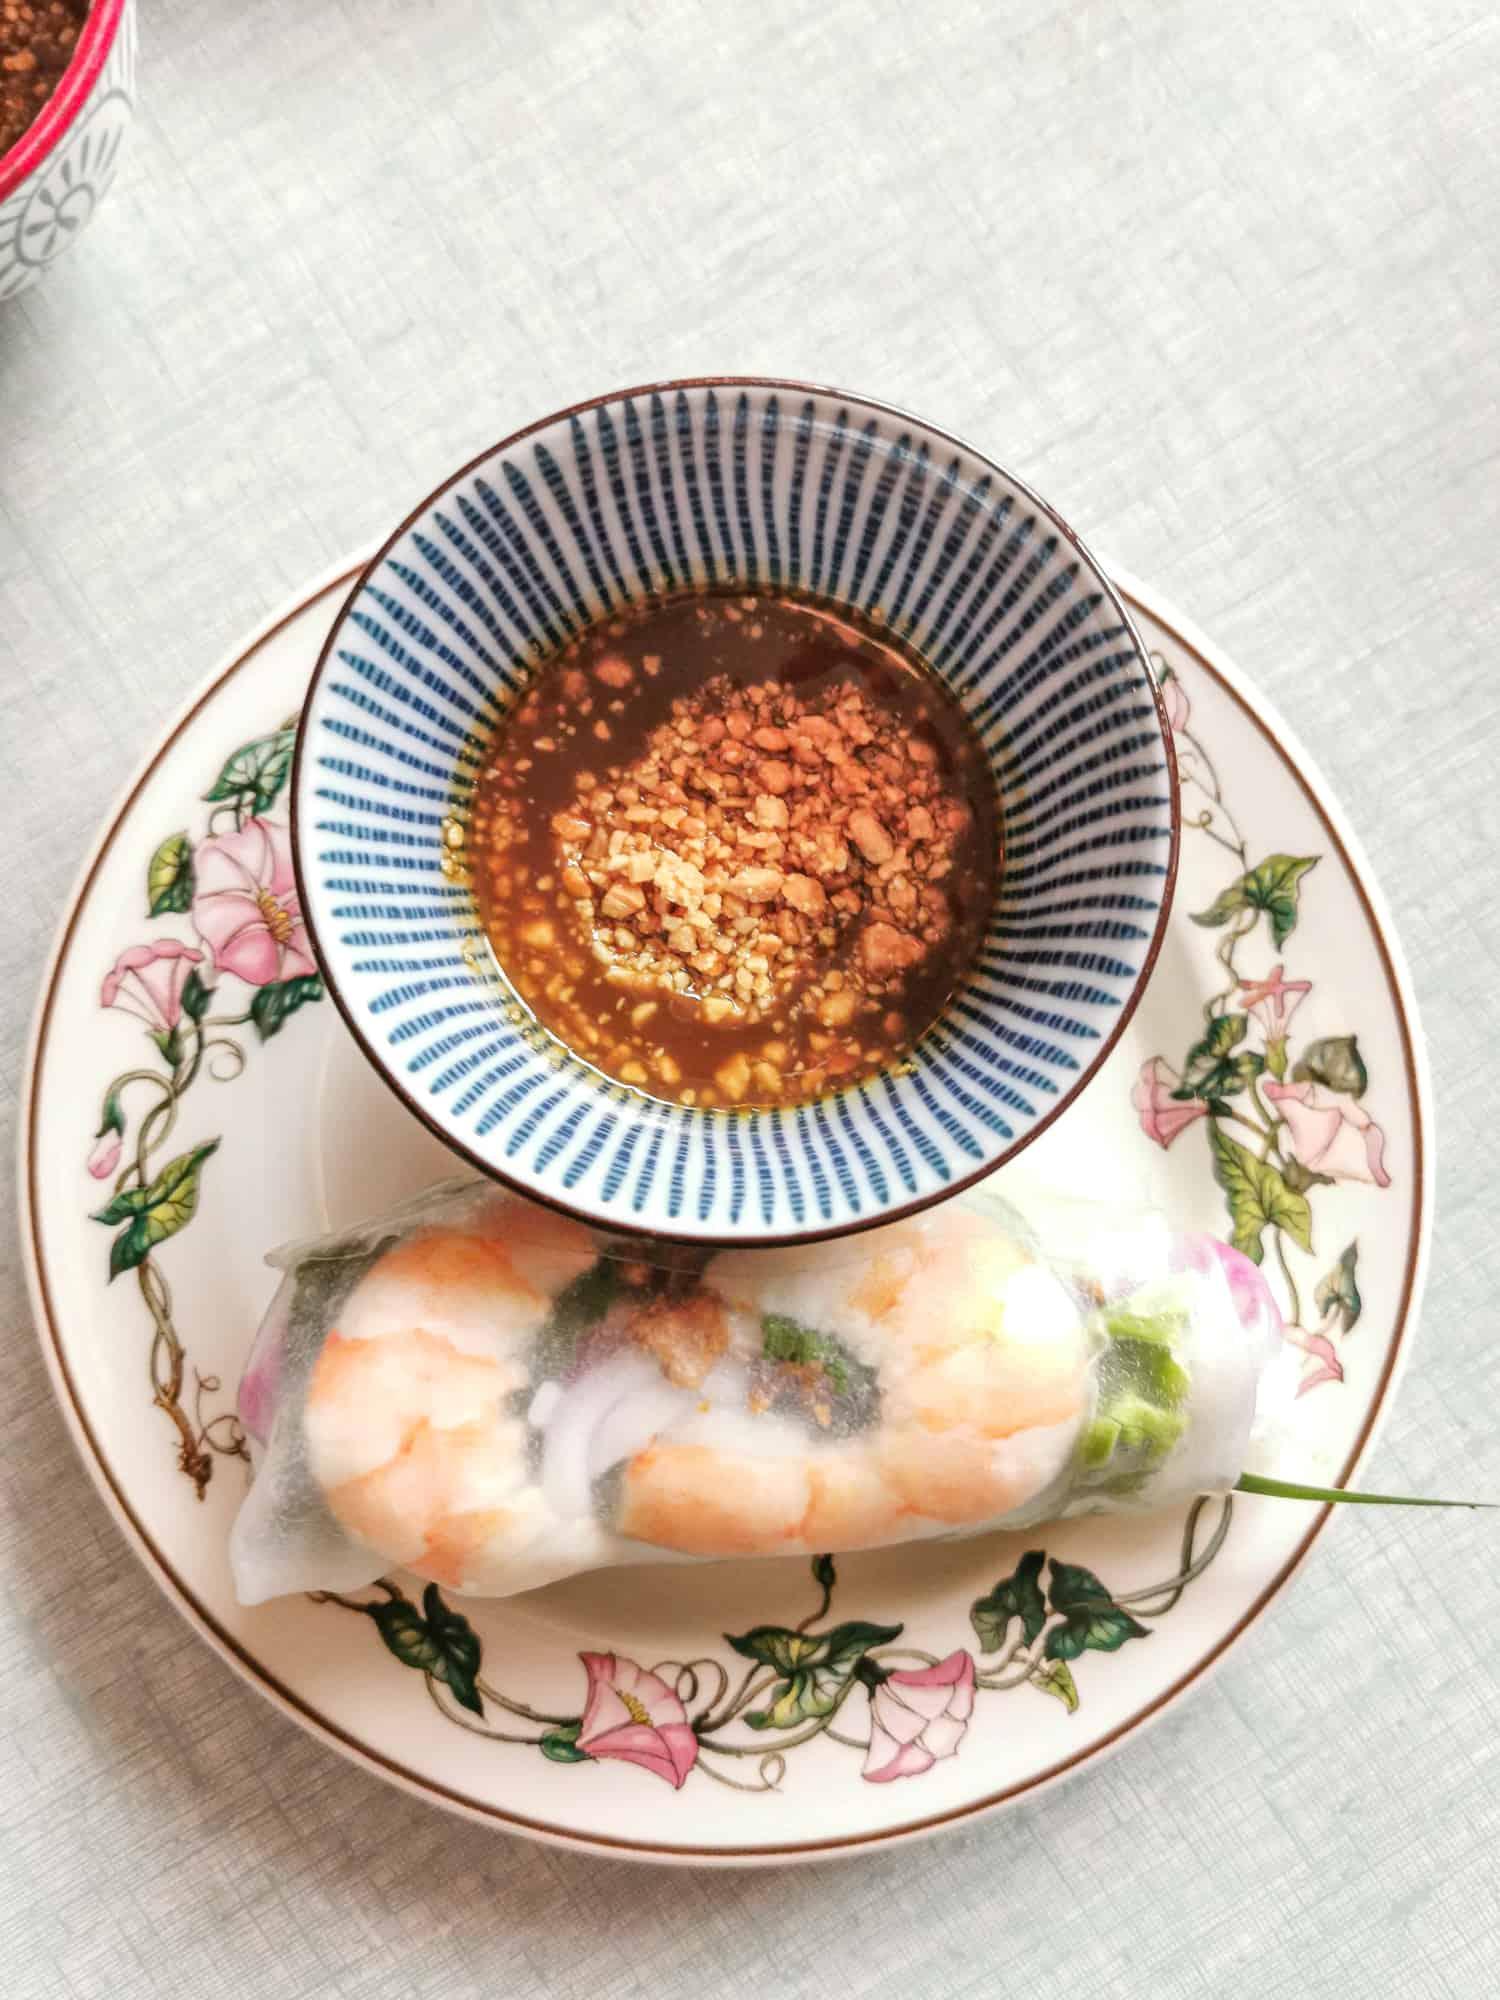 ca-phe-broc-ouest-restaurant-vietnamien-paris-14-bouiboui-17